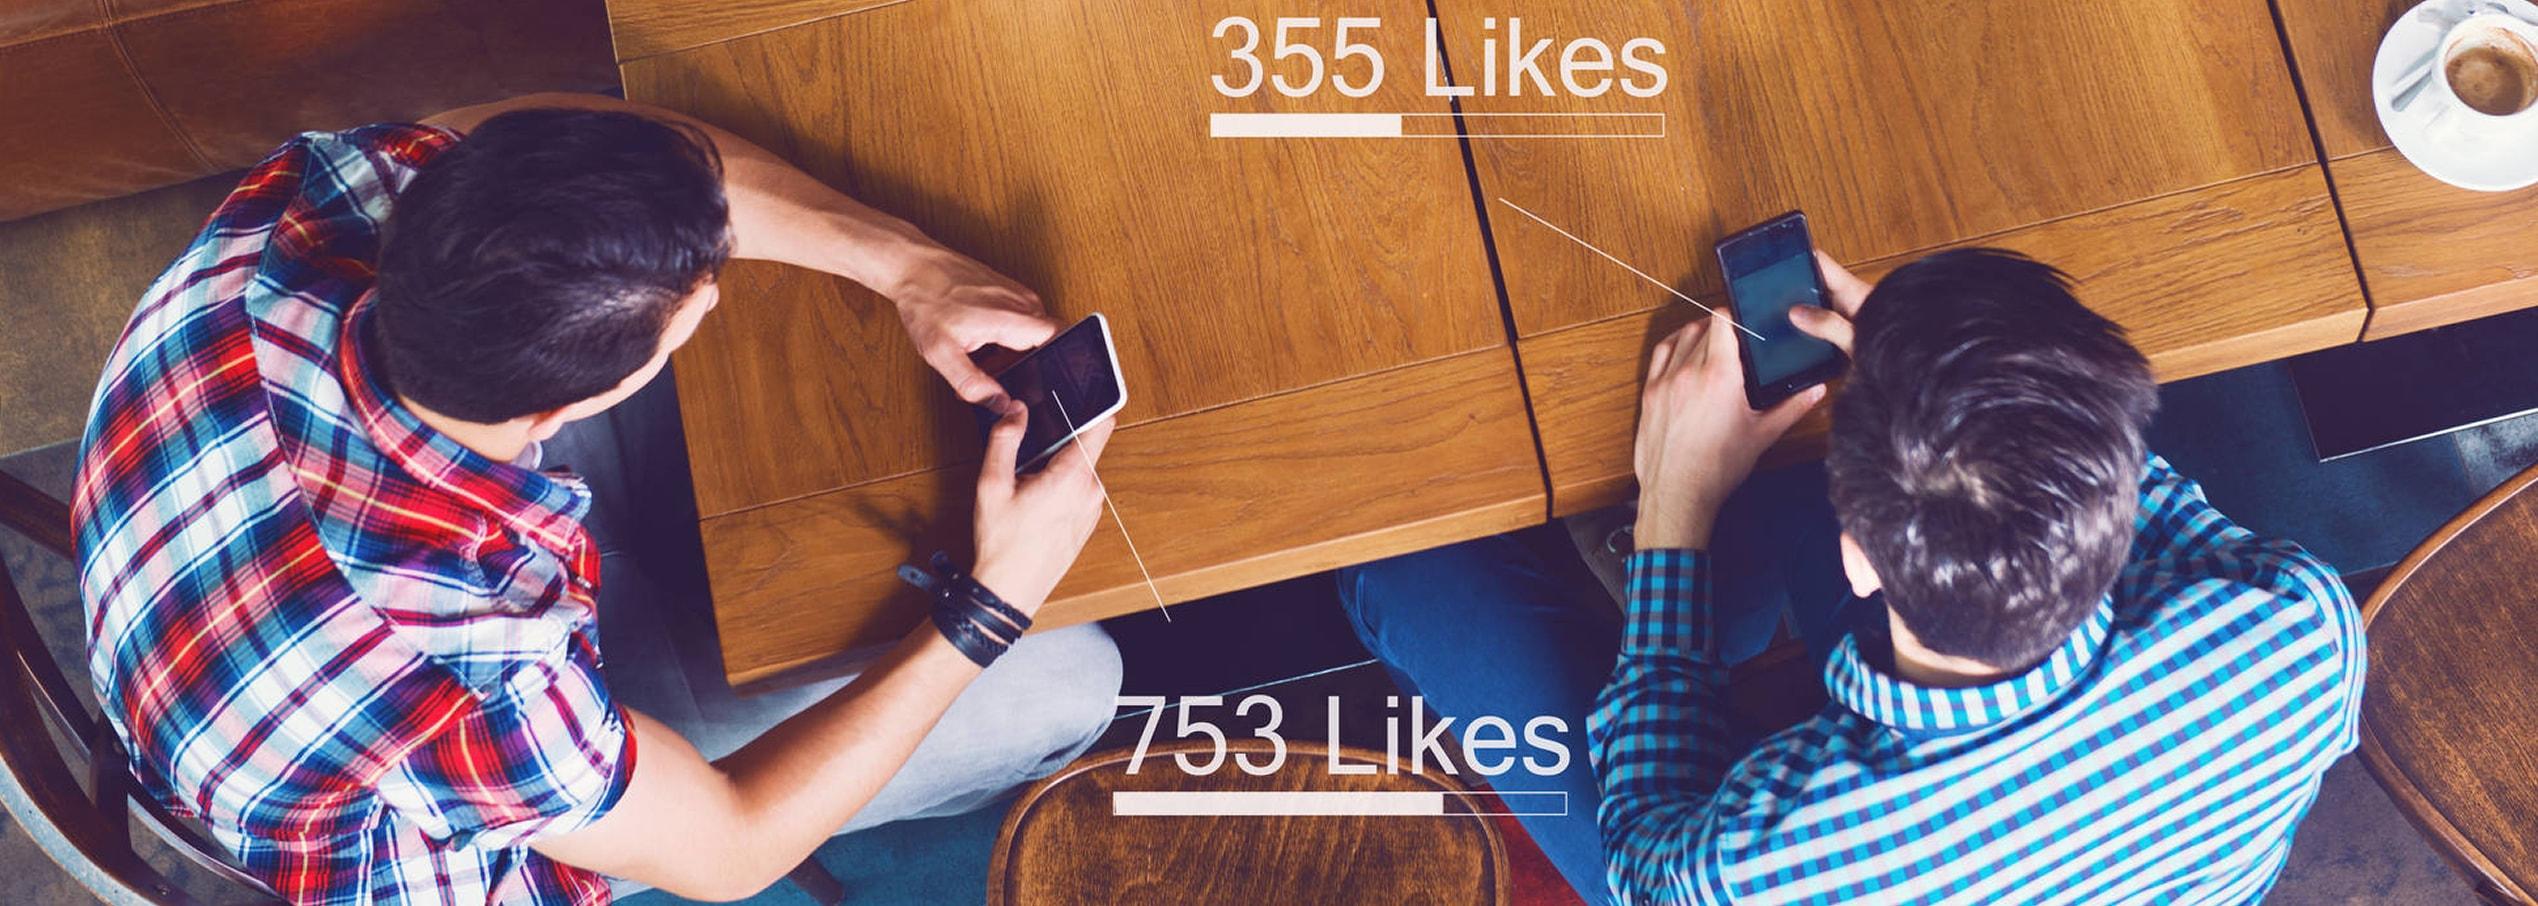 B4 facebook